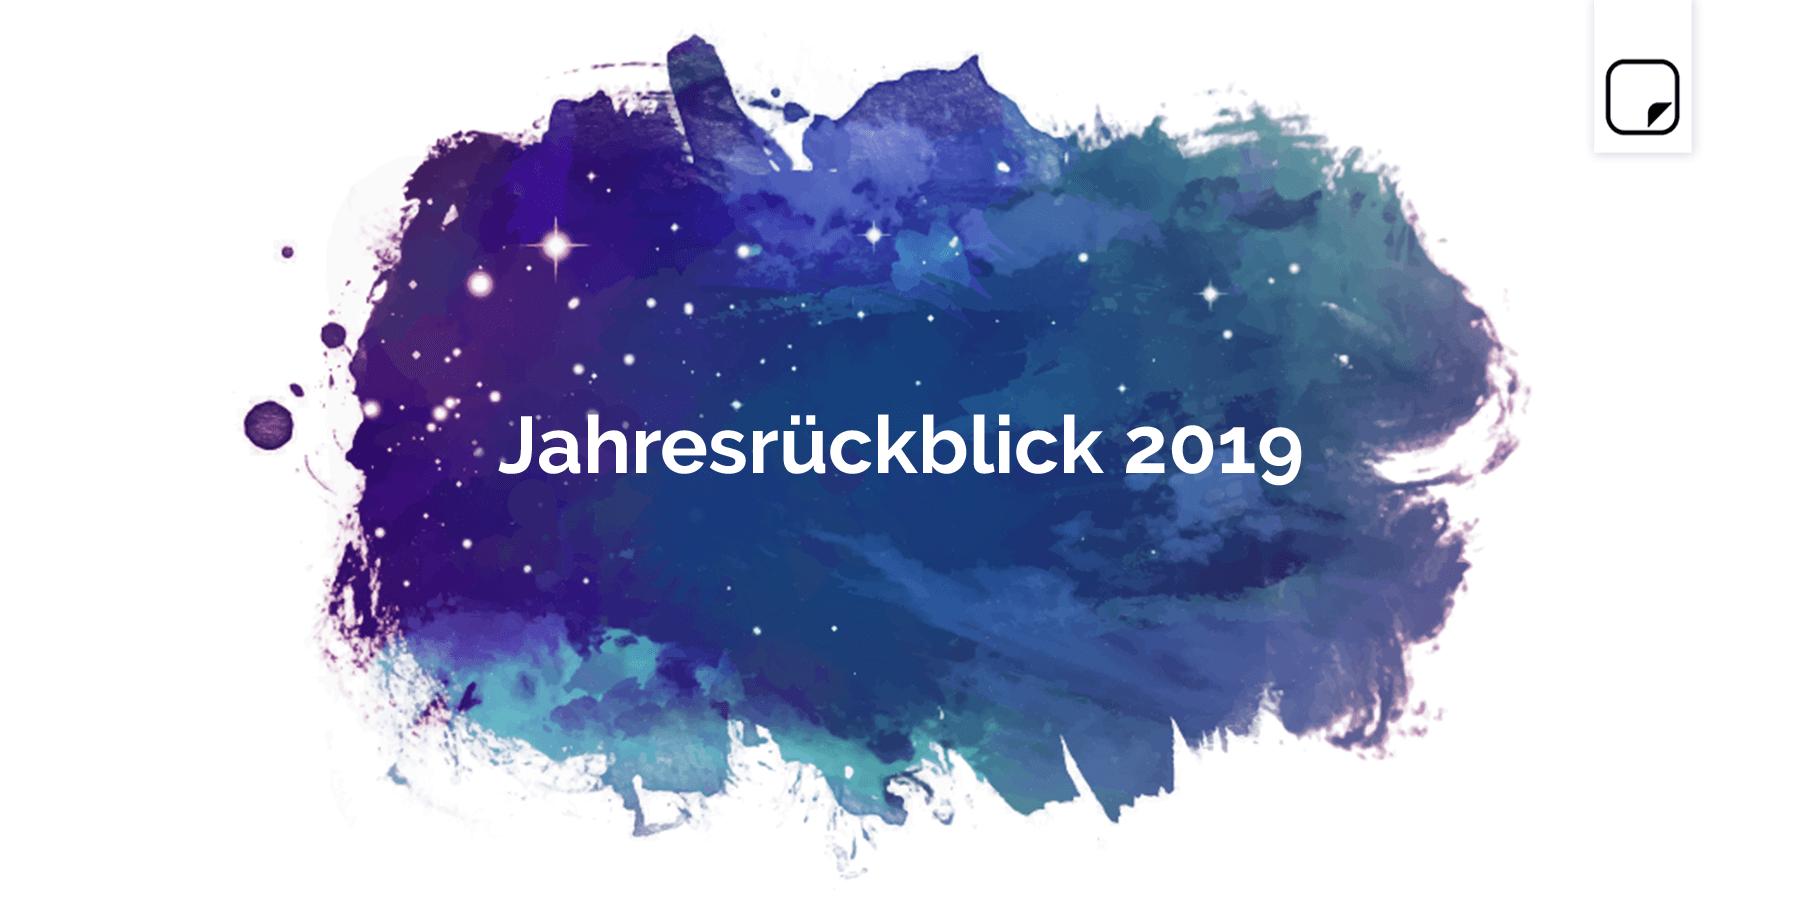 wleC Jahresrückblick 2019